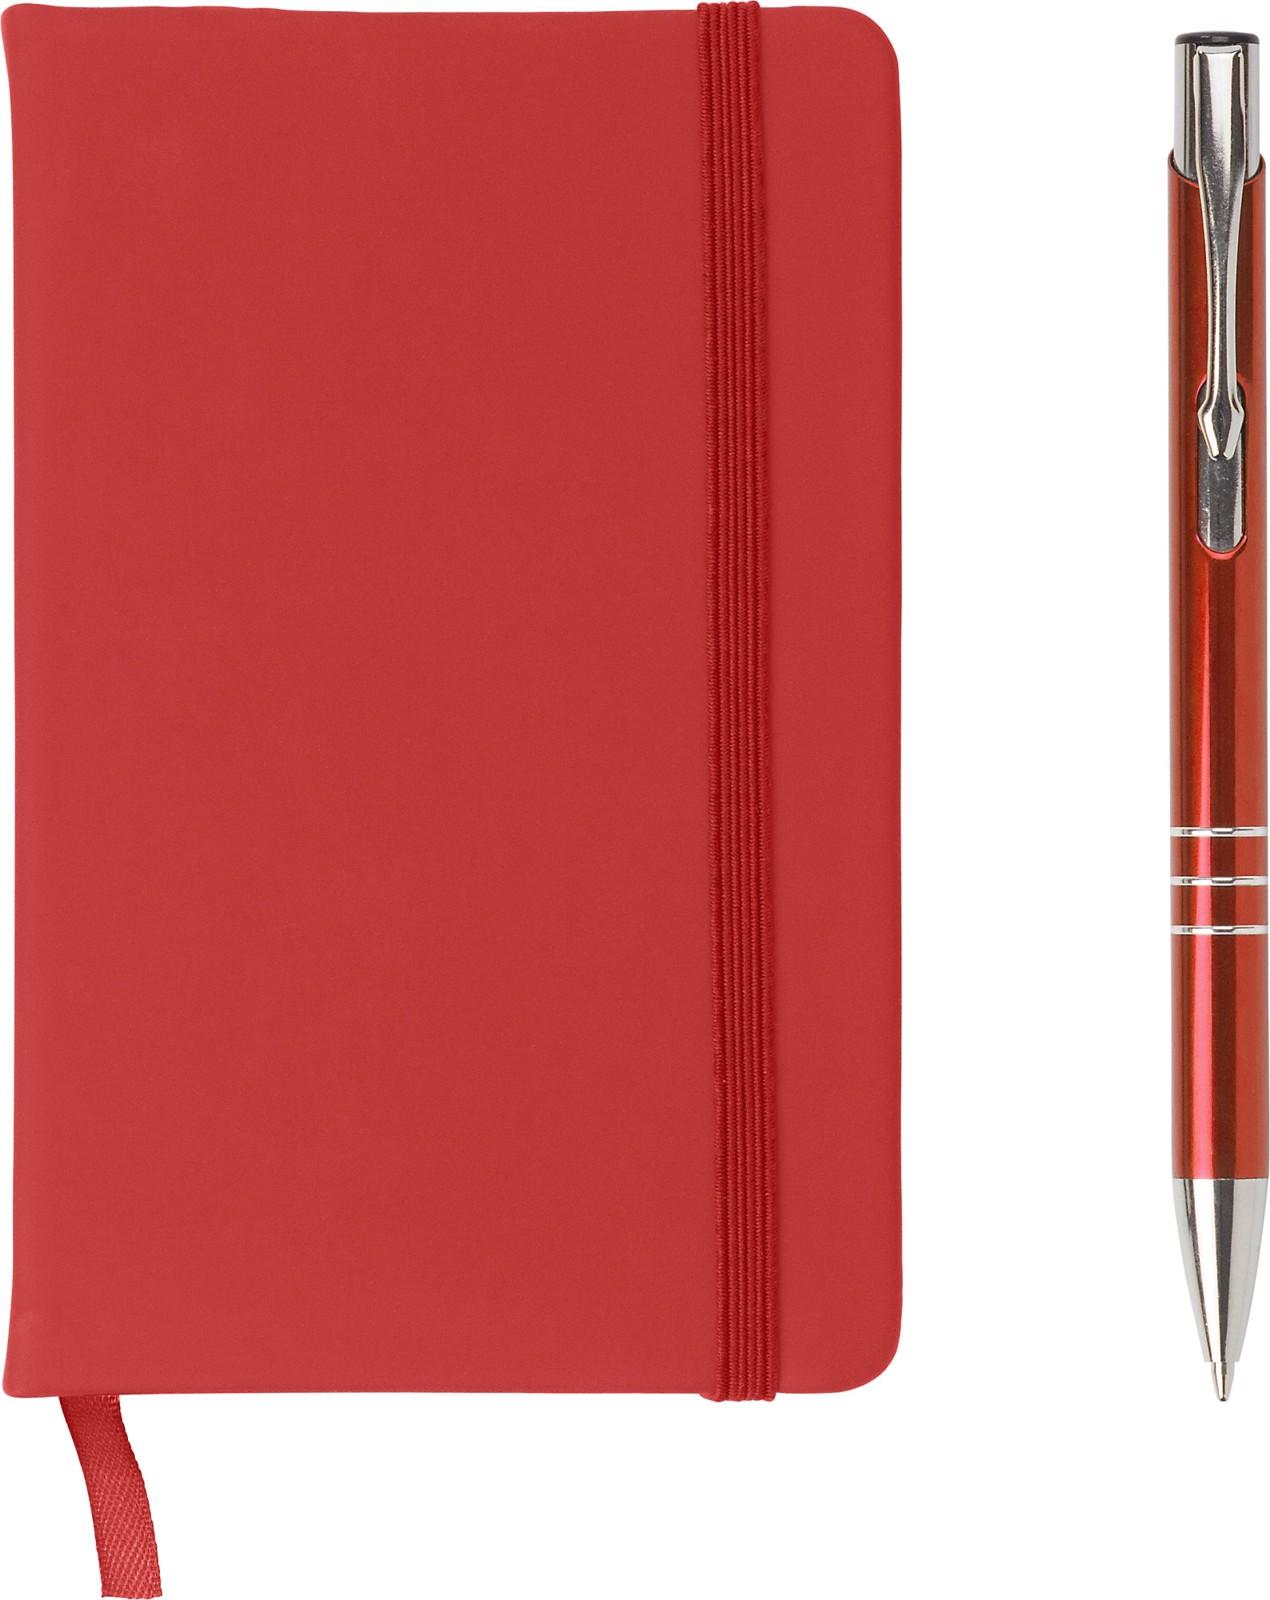 PU notebook with aluminium ballpen - Red